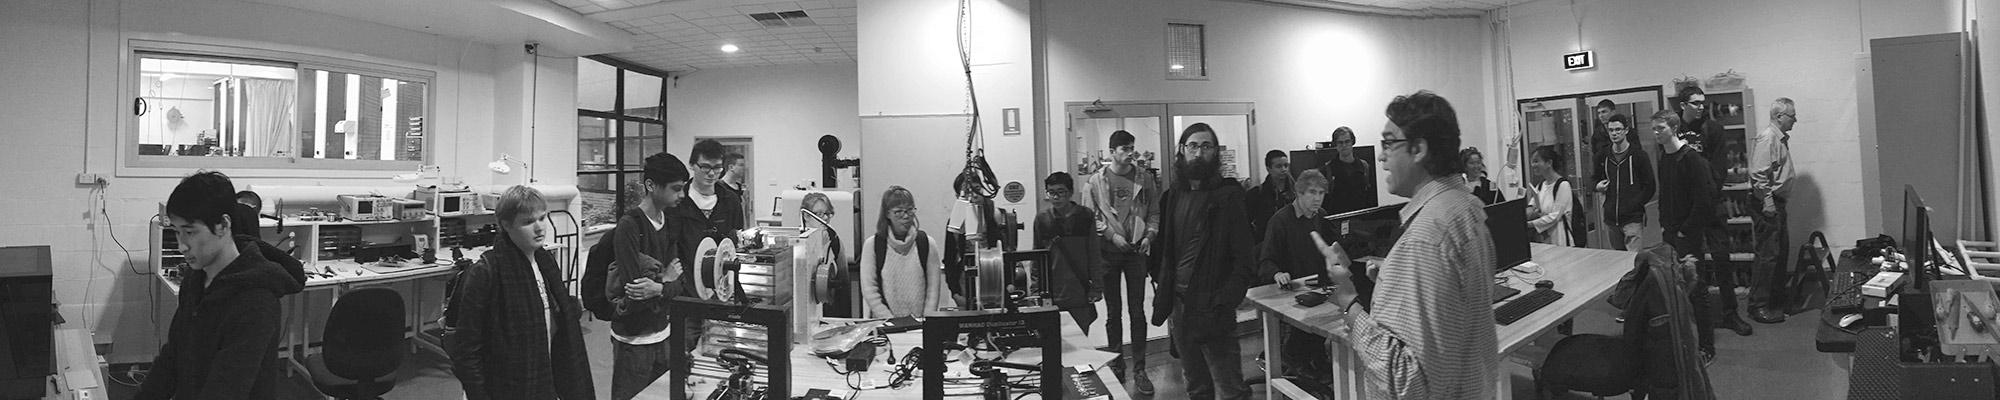 ANU MakerSpace - RSPhys - ANU